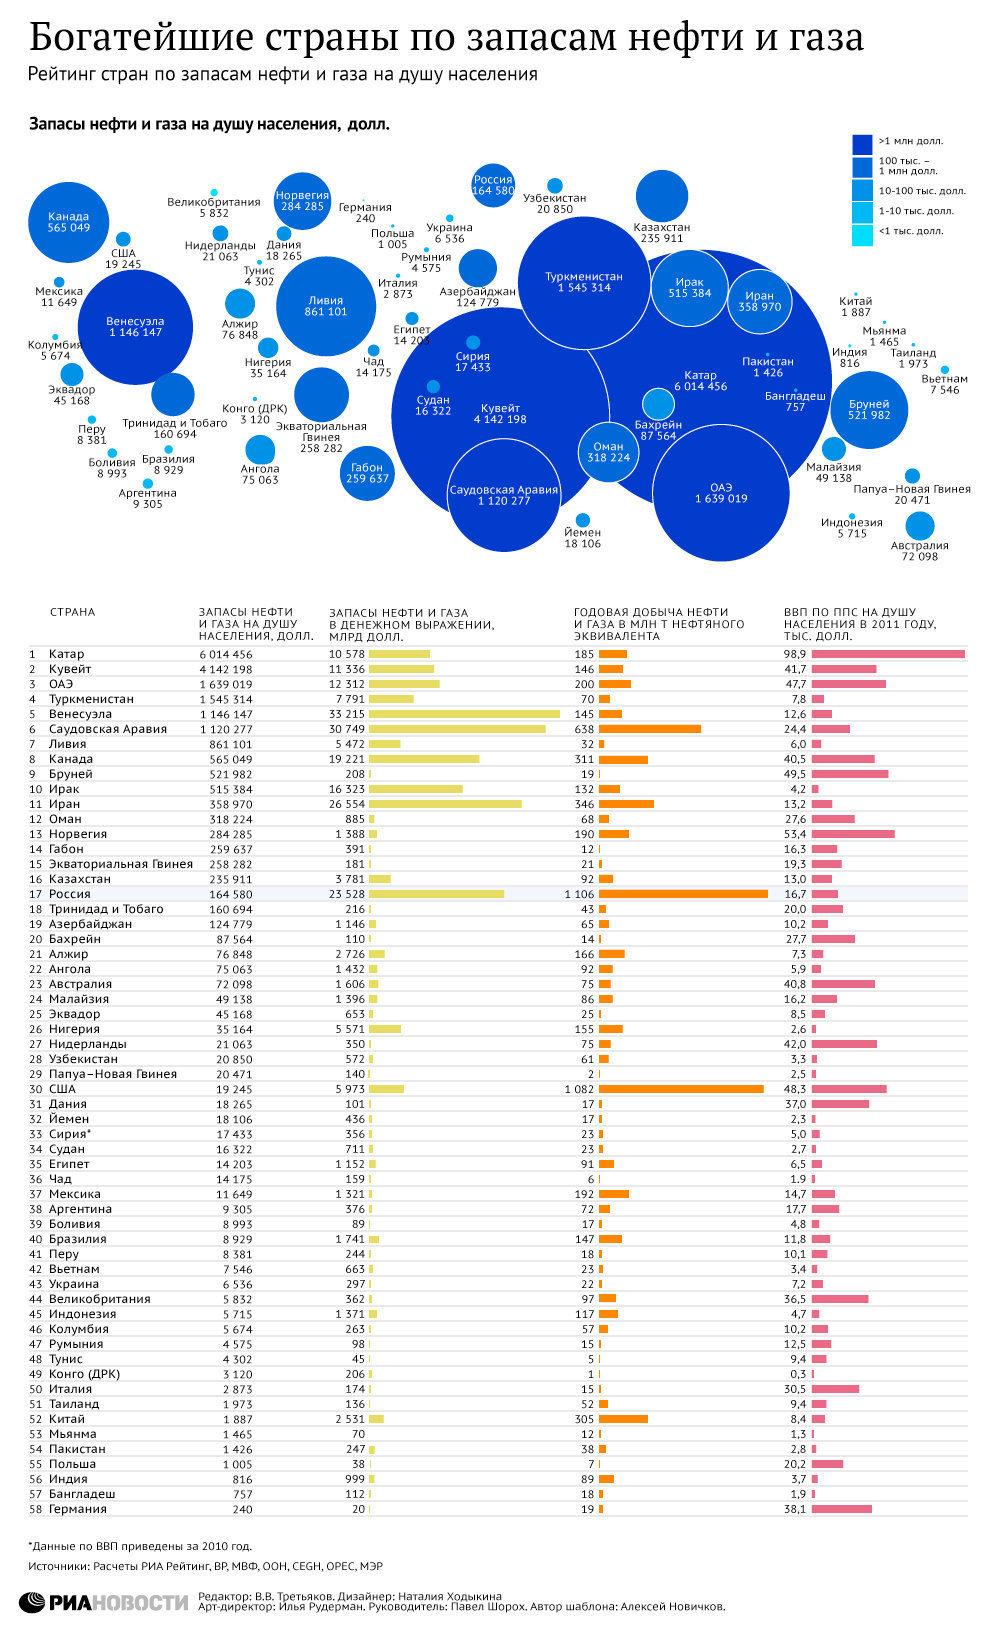 Богатейшие страны по запасам нефти и газа